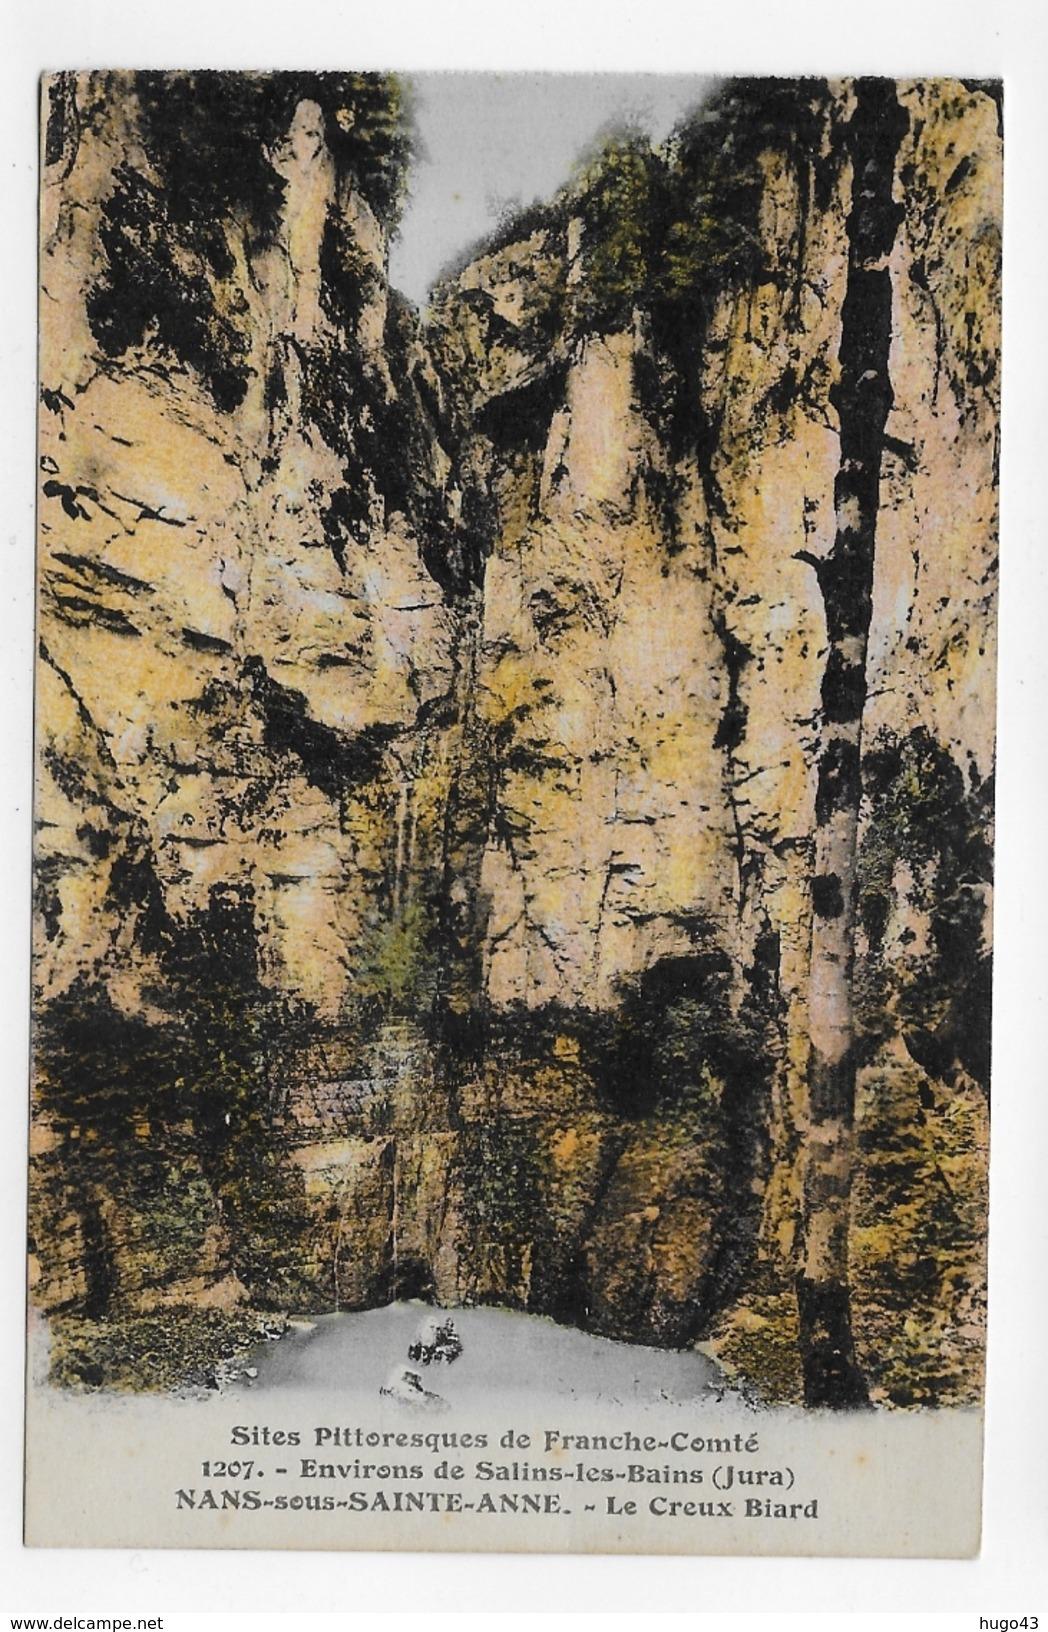 NANS SOUS SAINTE ANNE - N° 1207 - LE CREUX BIARD - CPA NON VOYAGEE - Frankrijk